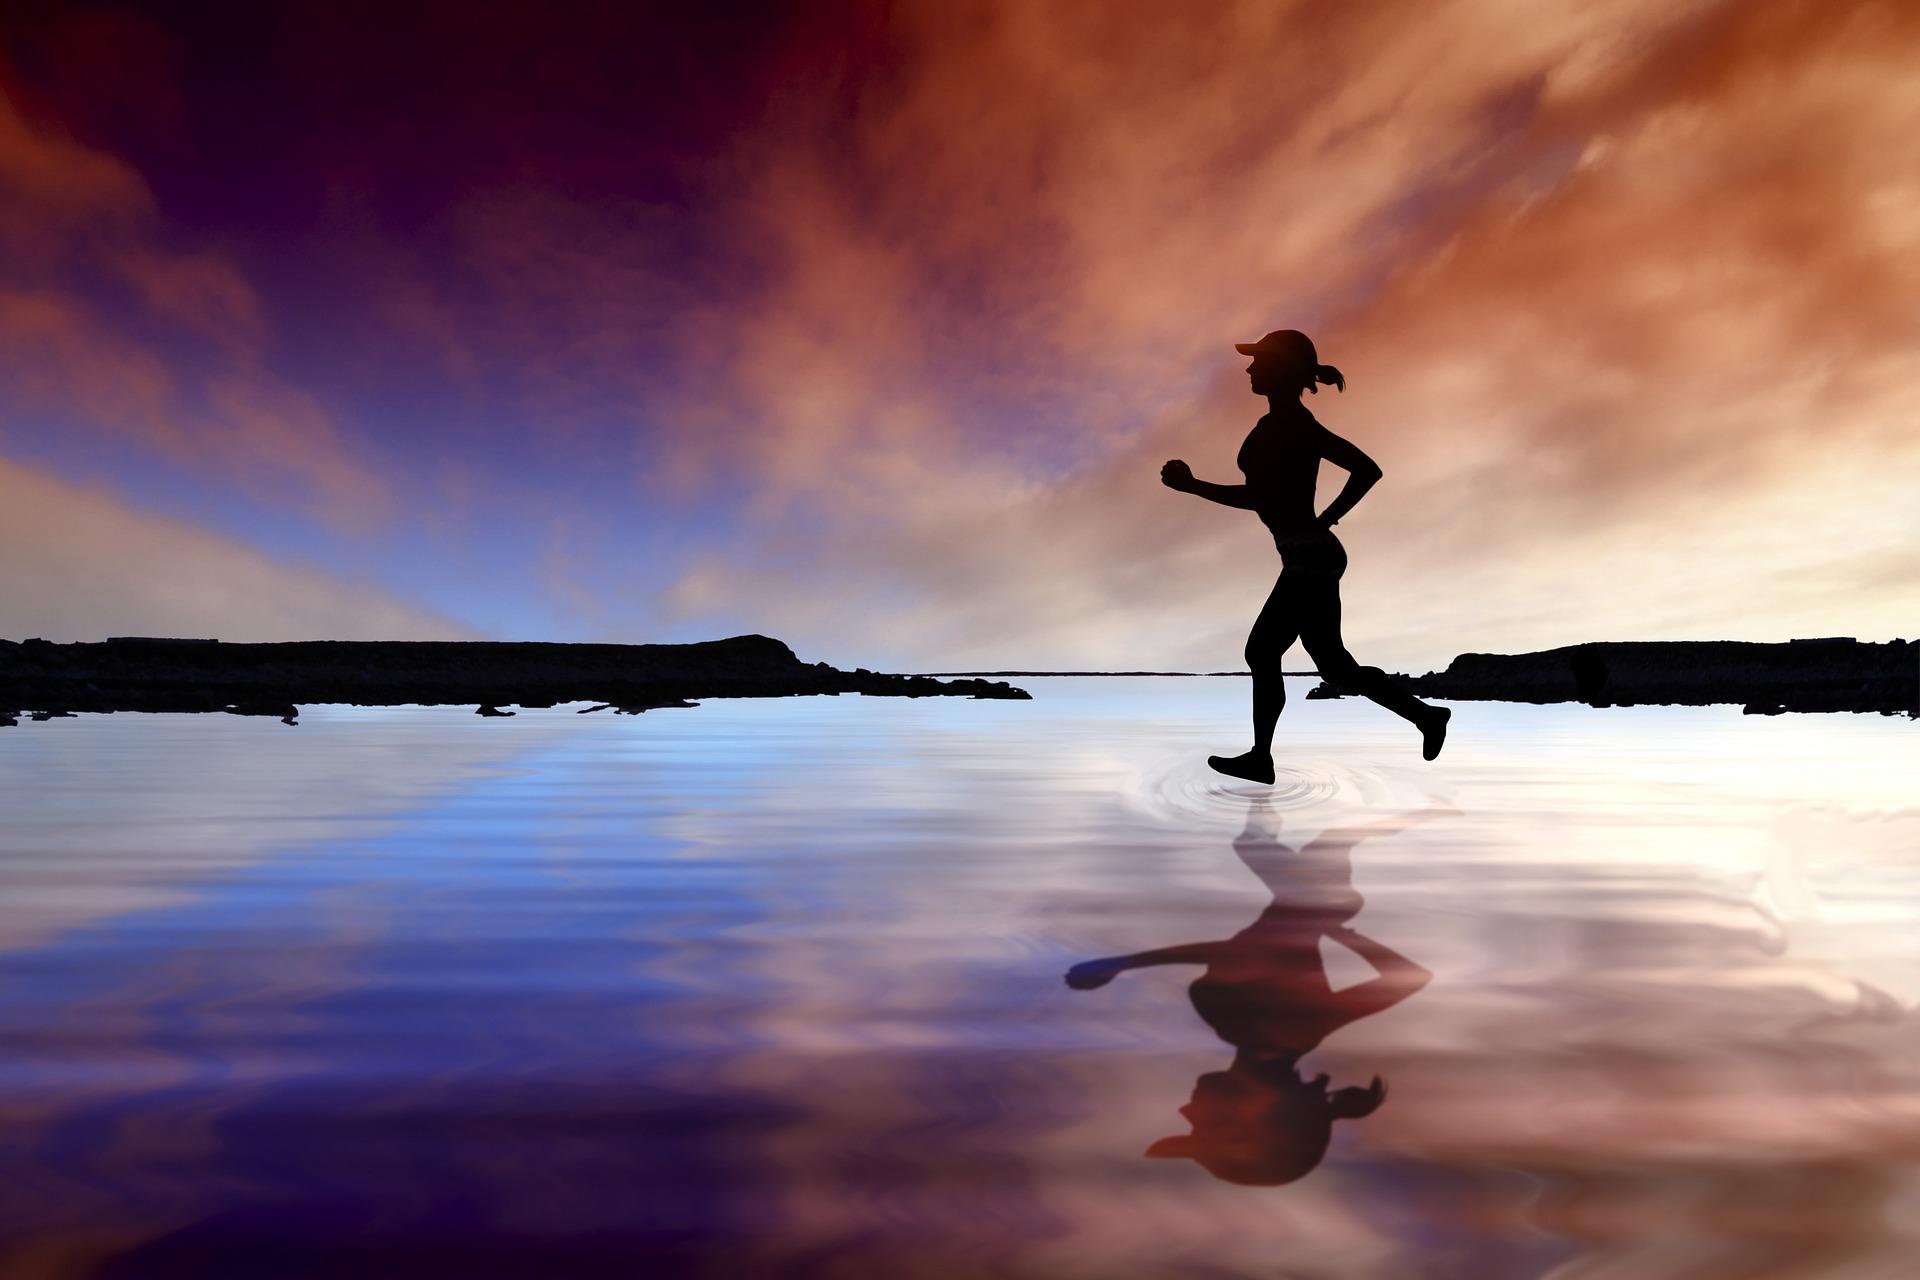 マラソン初心者の女性にとっての必需品と持ち物について